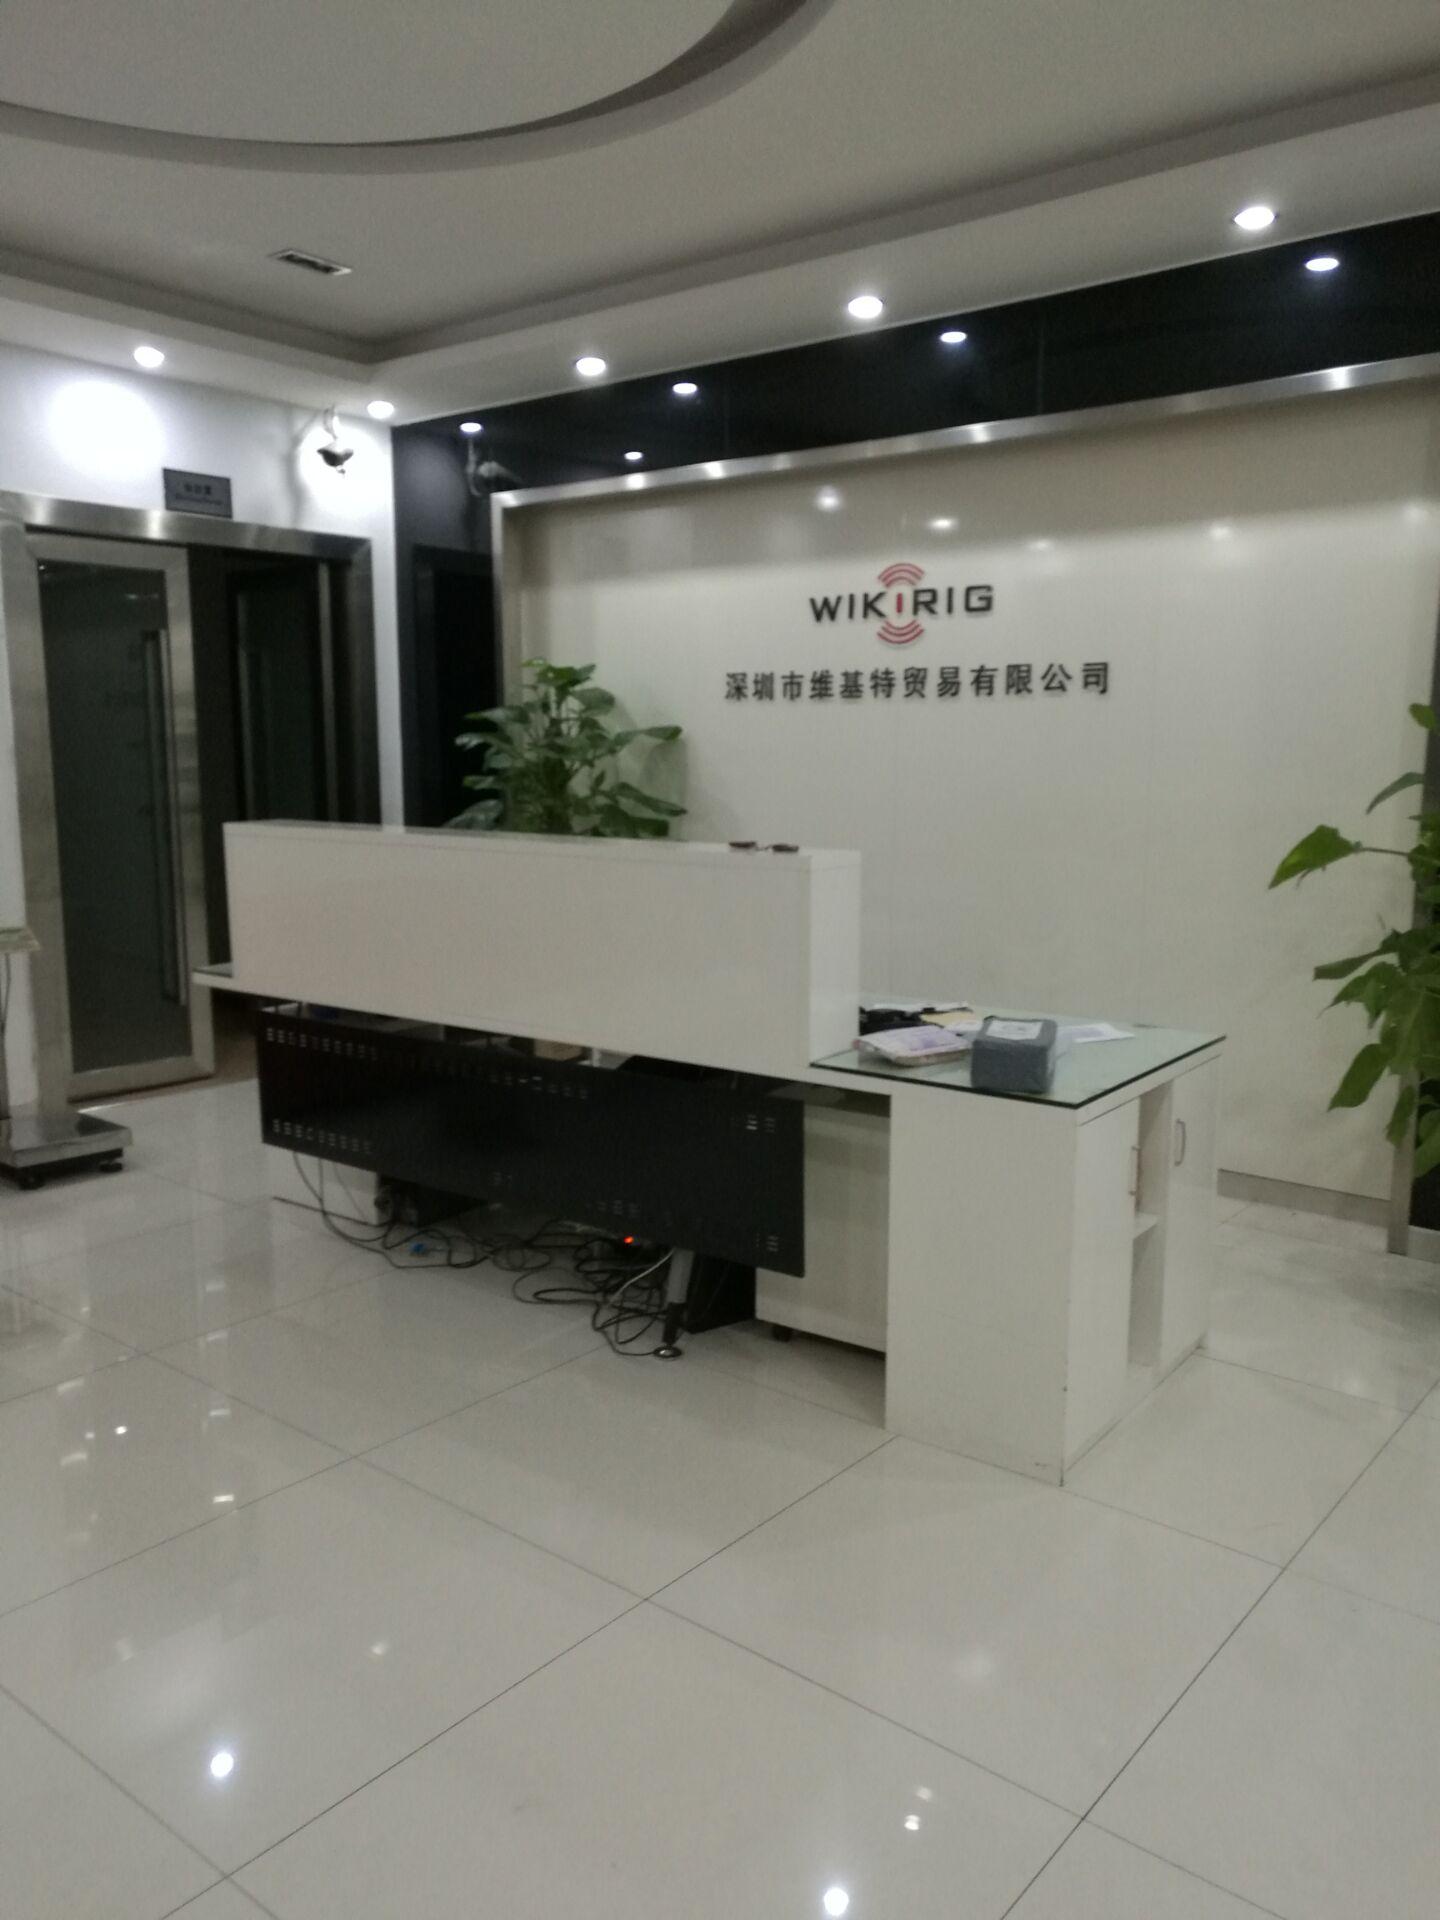 深圳市维基特贸易有限公司更换地弹簧一对